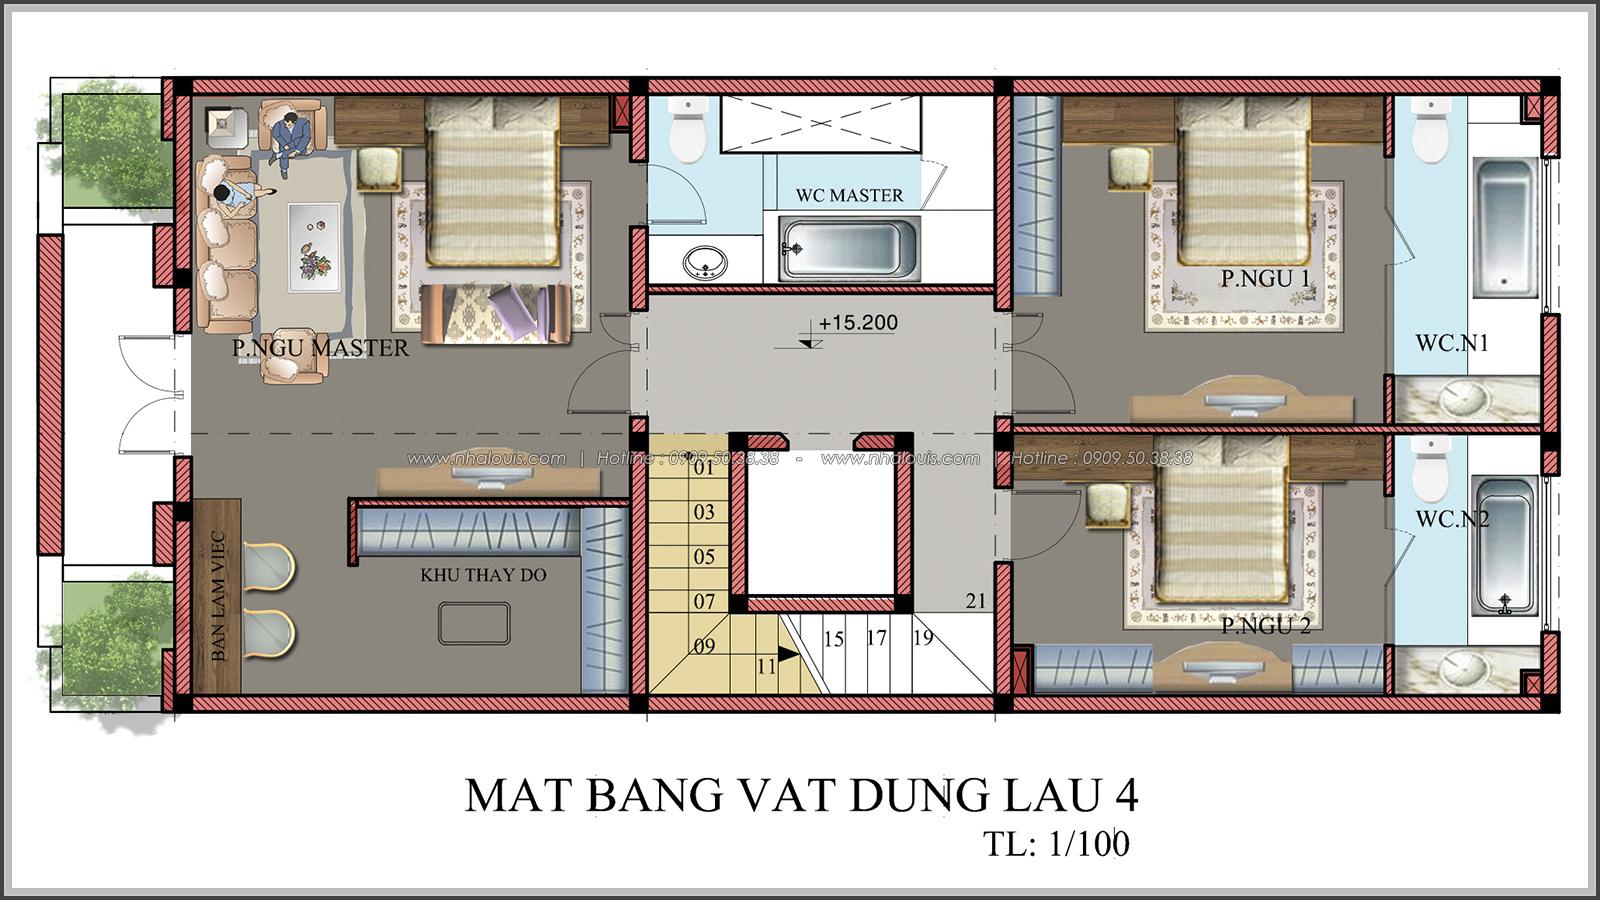 Đẳng cấp thiết kế penthouses với nội thất cực chất anh Kim quận Tân Bình - 11